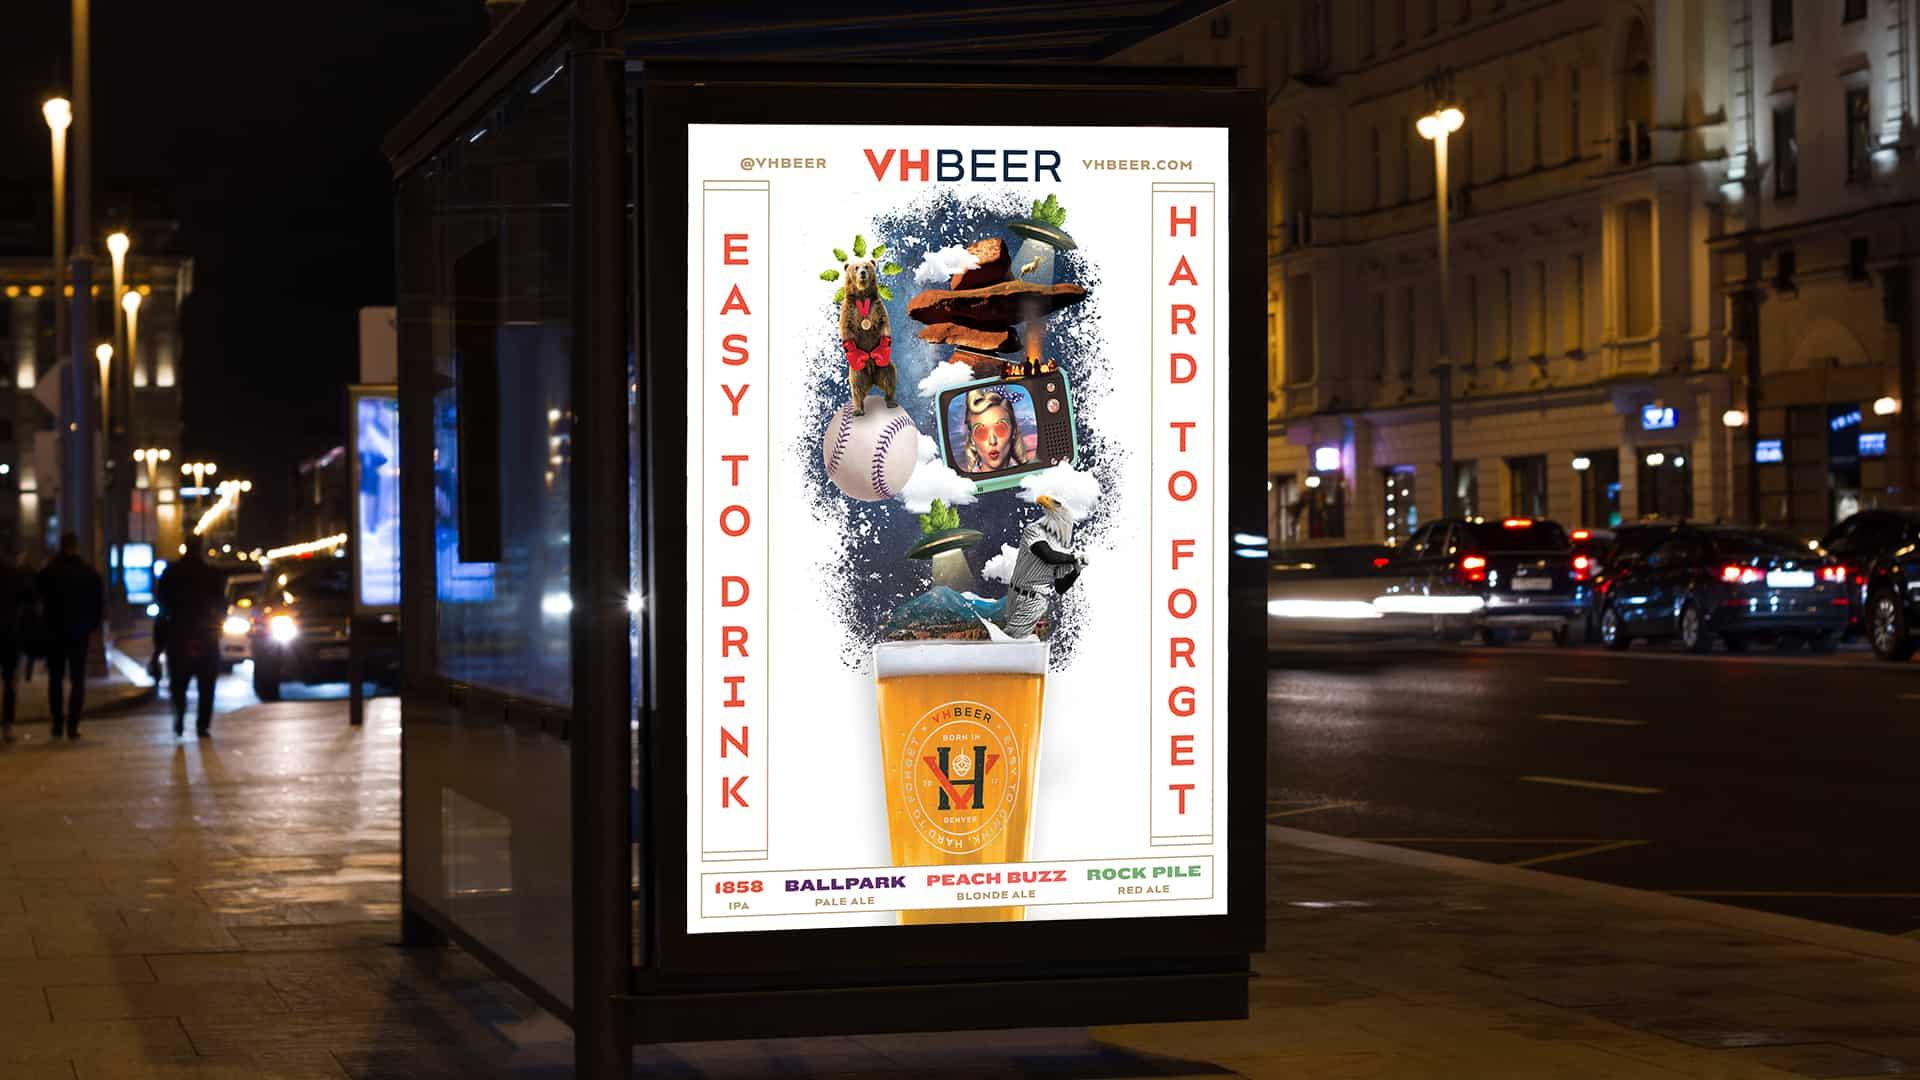 VHBeer craft beer advertising